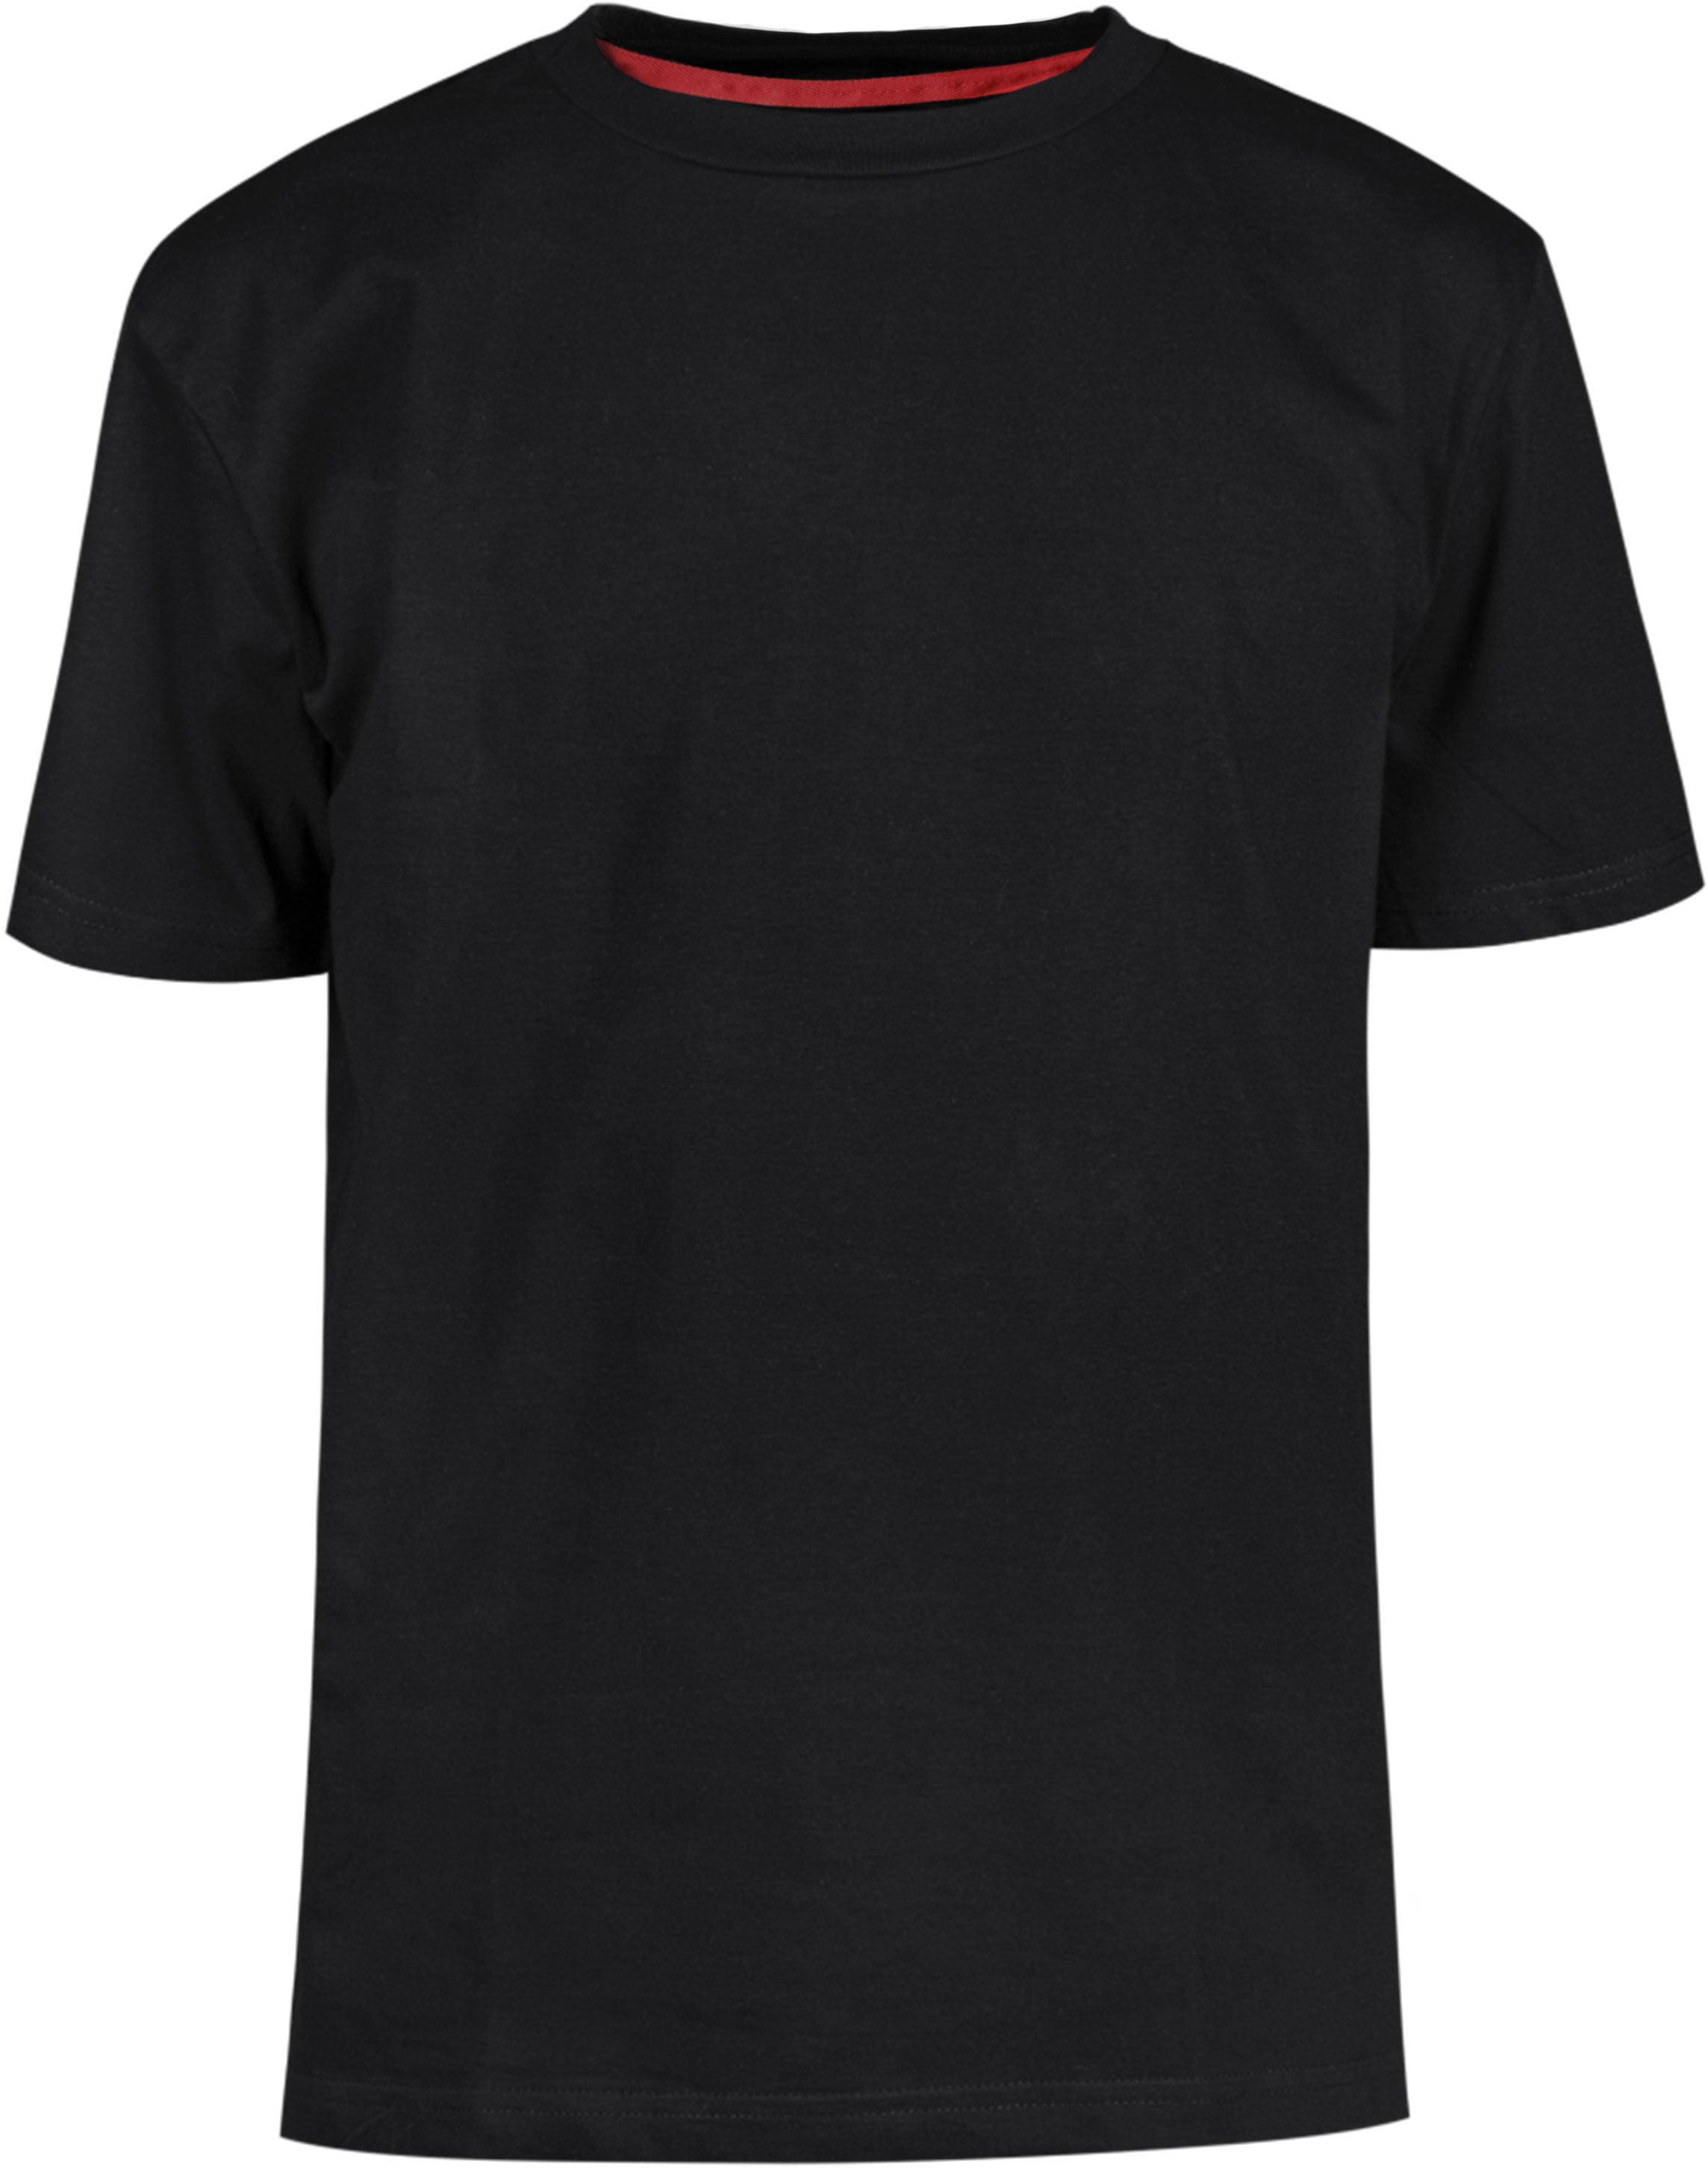 Виды печати на футболках. как называется рисунок на футболке